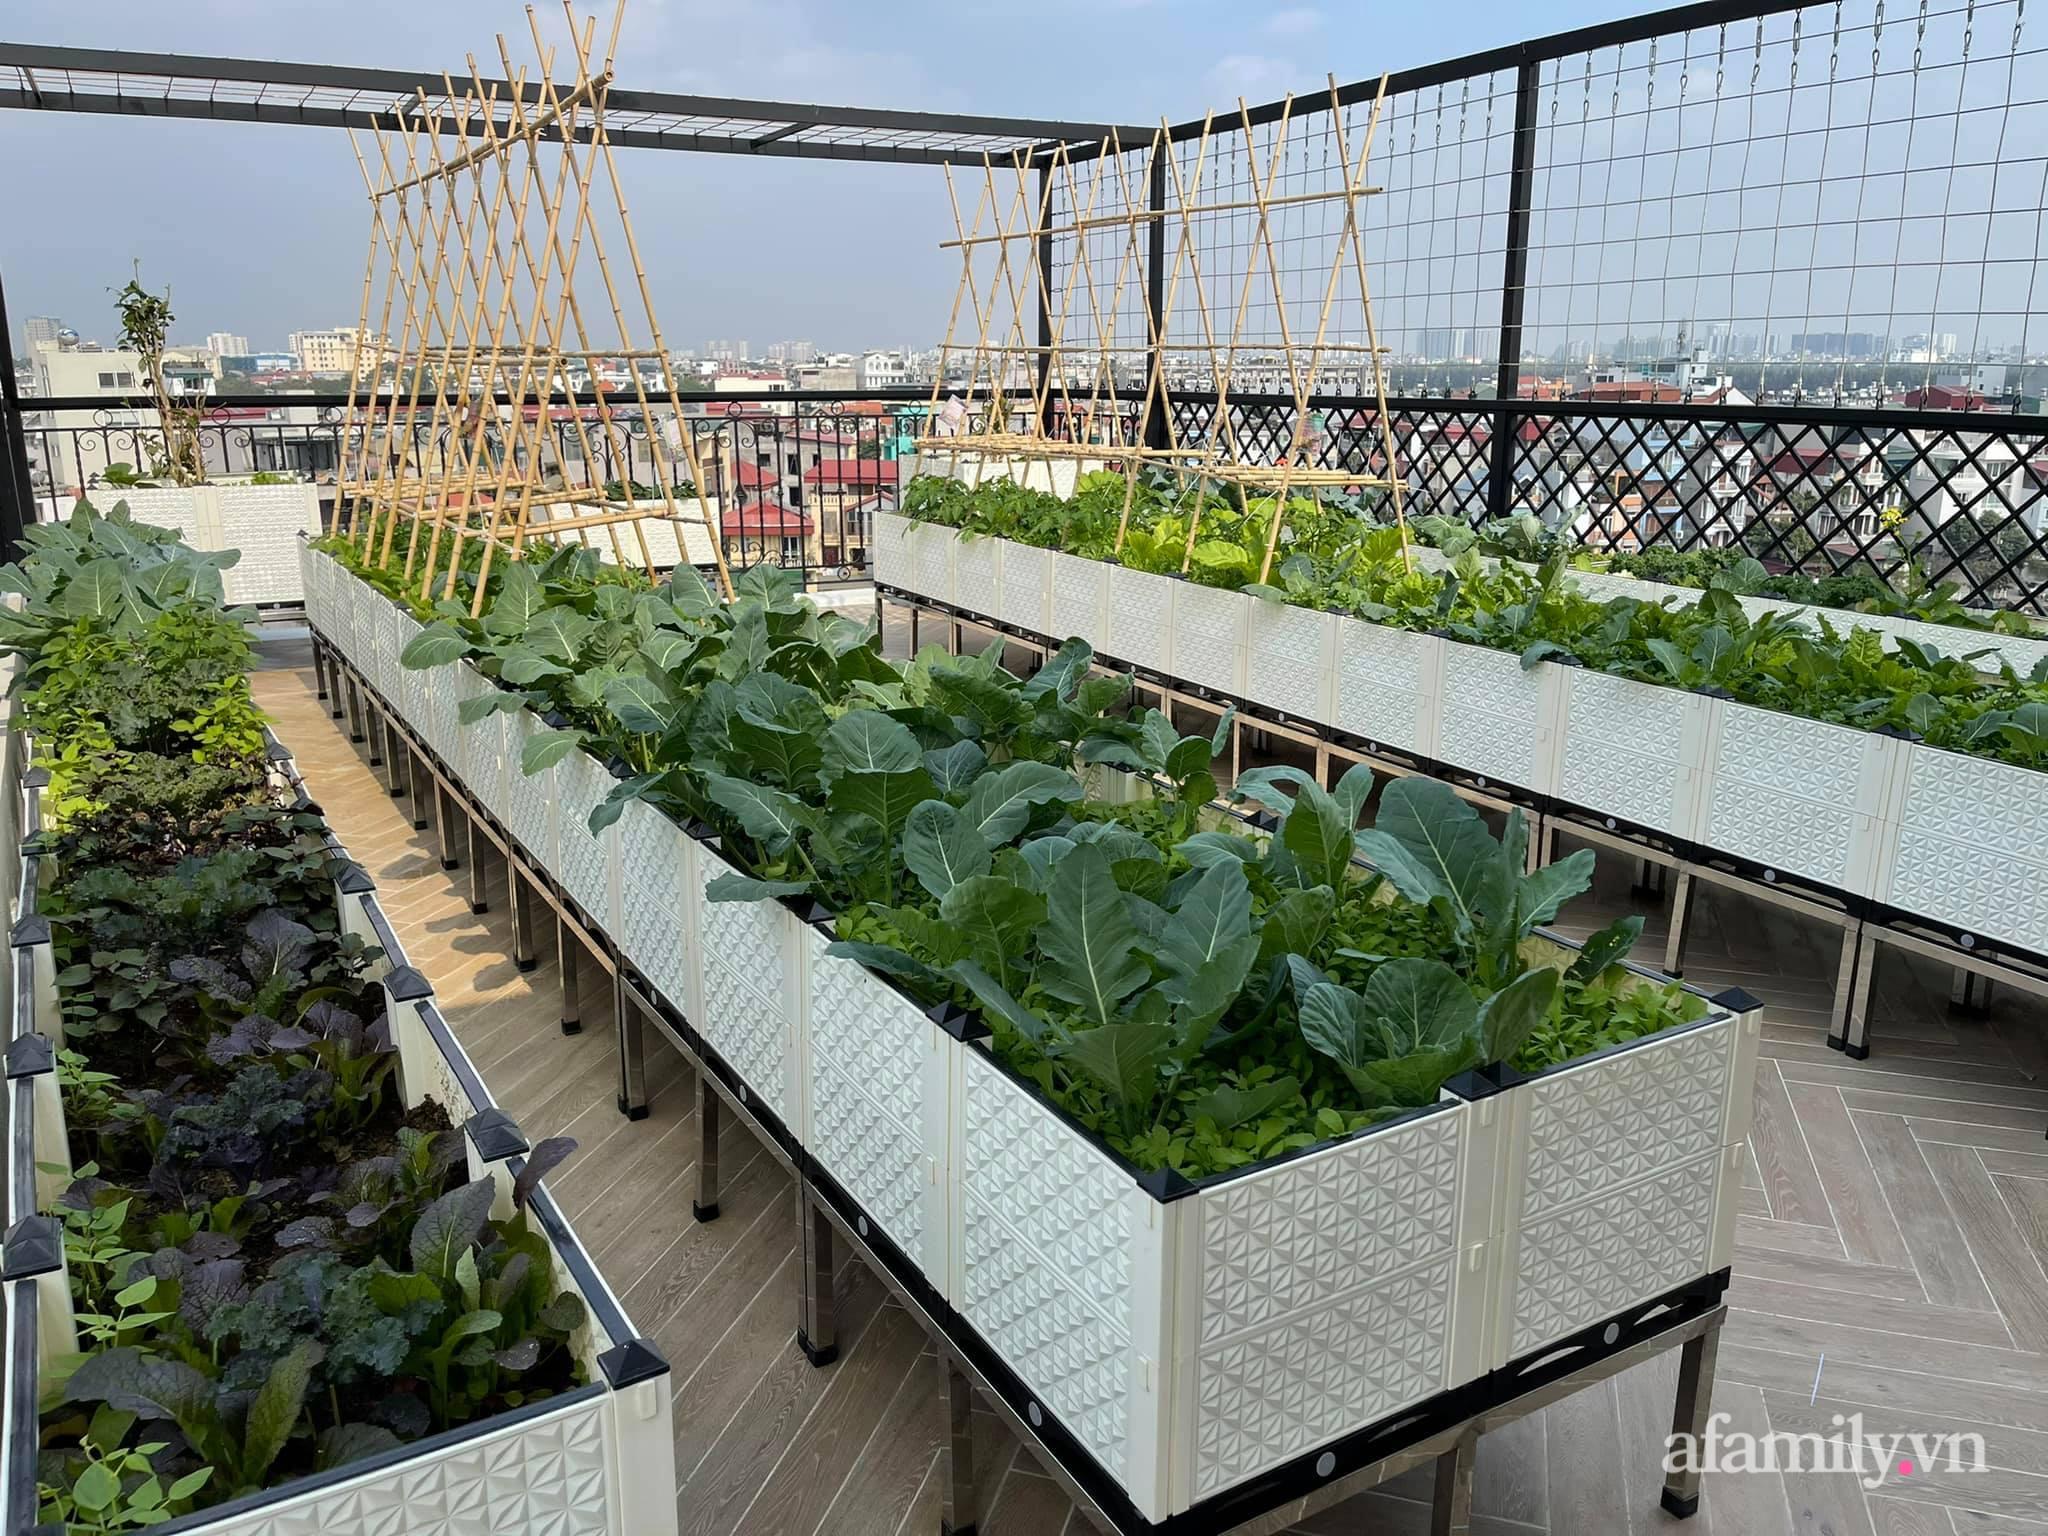 Sân thượng 83m² phủ kín rau quả sạch chỉ sau gần 1 tháng gieo trồng của cô giáo về hưu ở Hà Nội - Ảnh 1.